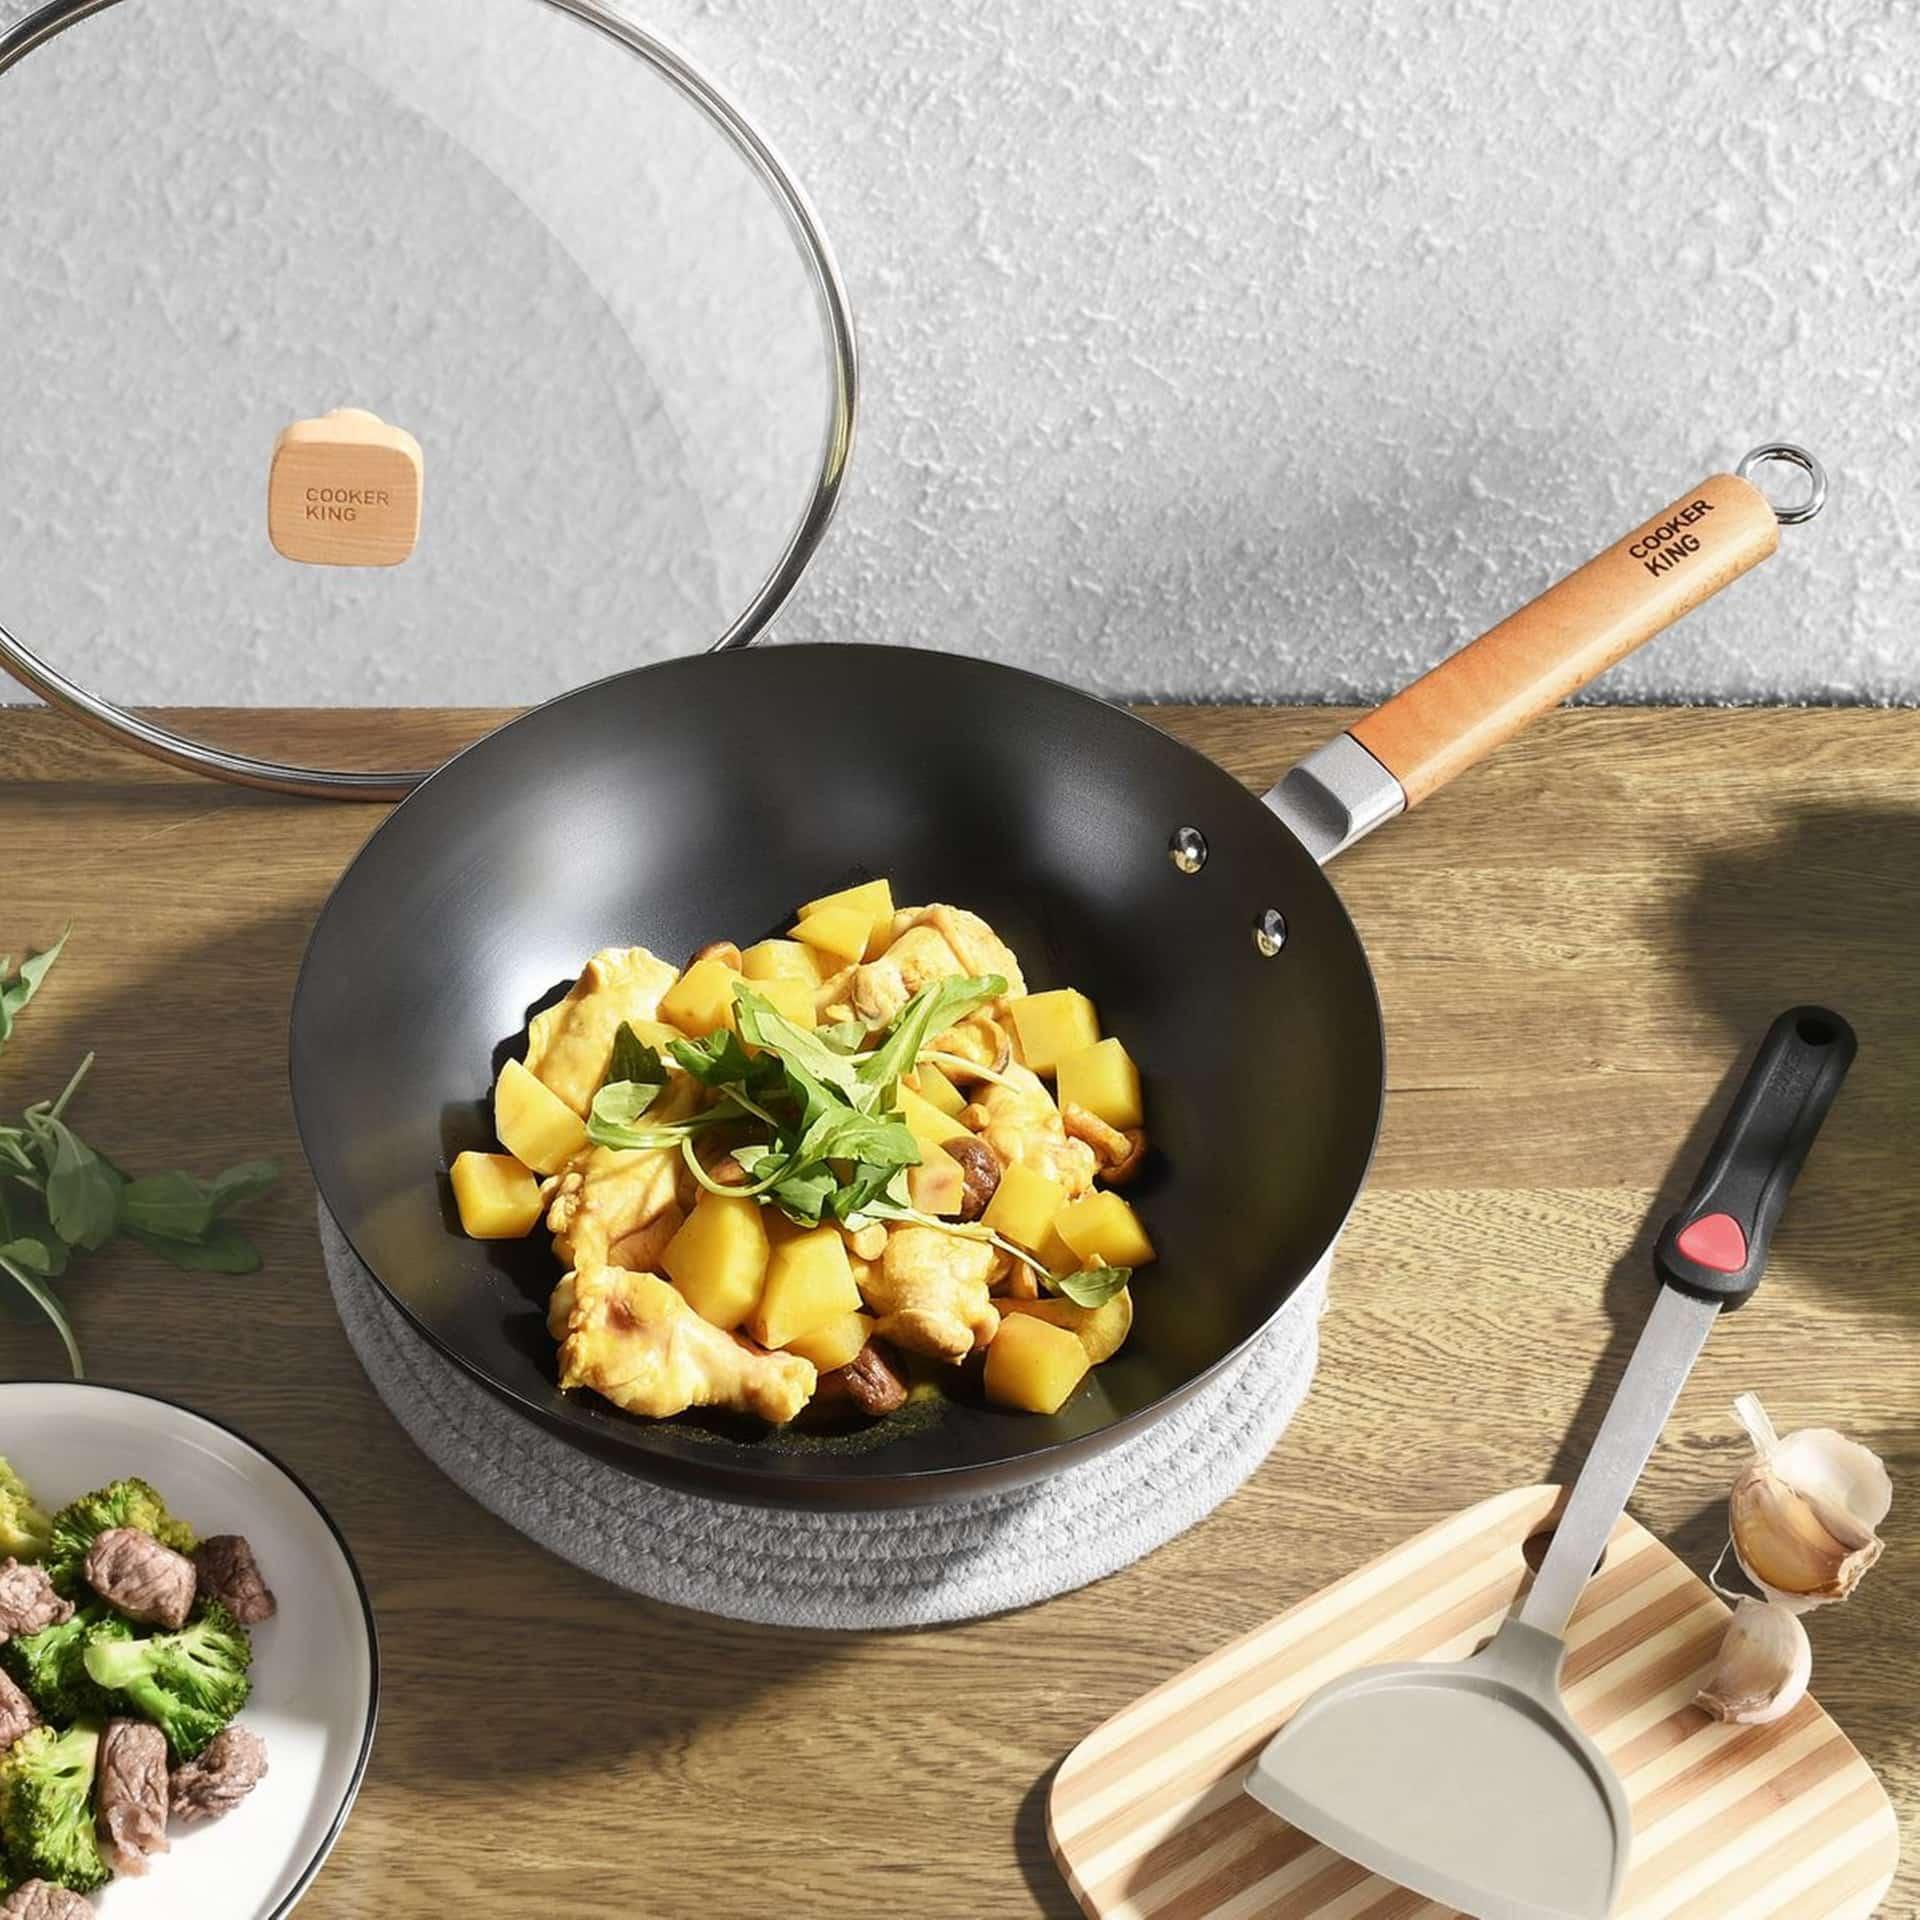 Ein guter Wok gehört zur Grundausstattung für die asiatische Küche